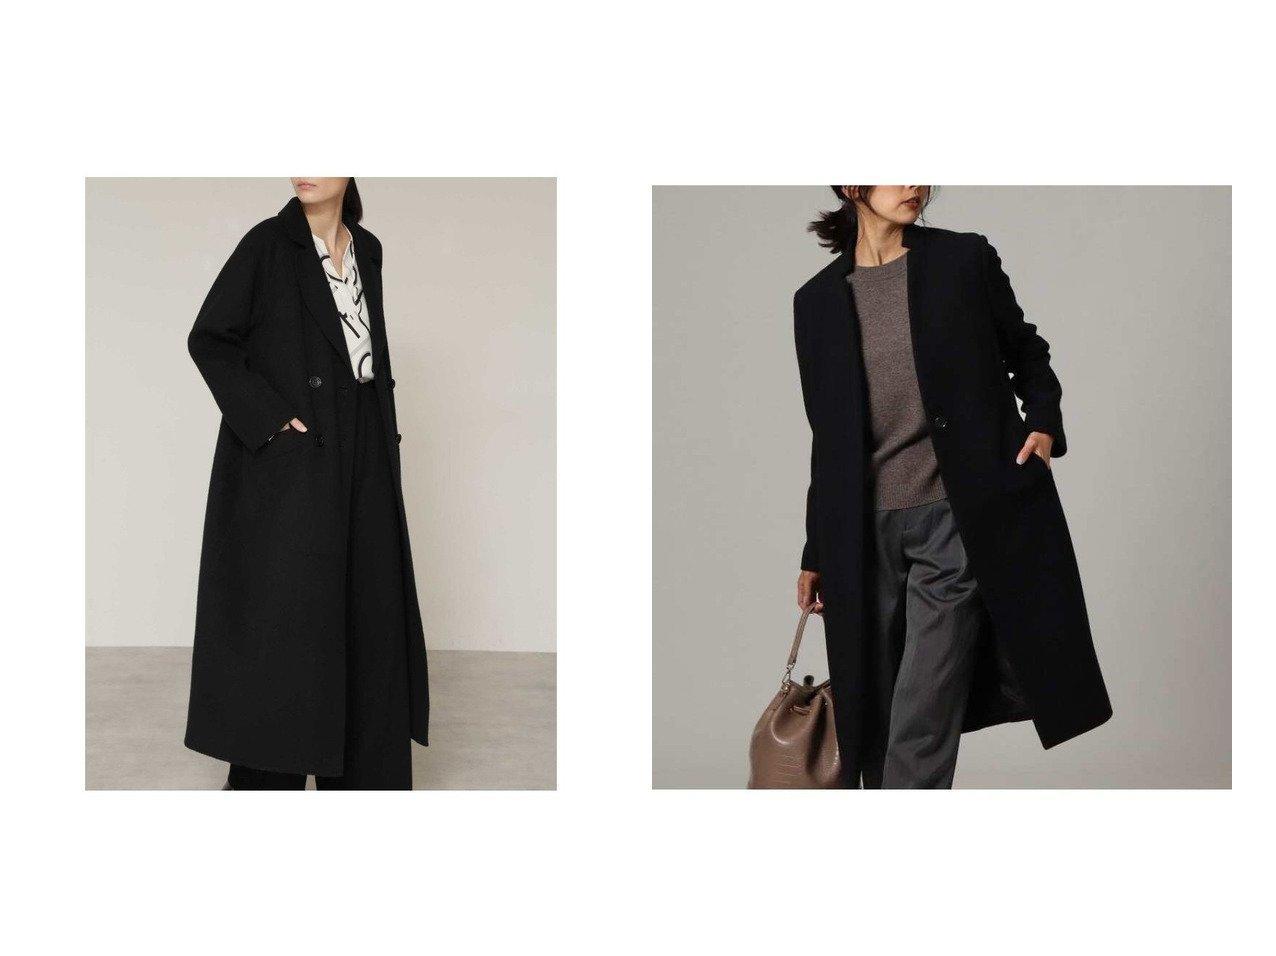 【BOSCH/ボッシュ】のウールリバーテーラードコート&【UNTITLED/アンタイトル】のジロンラムウールコート アウターのおすすめ!人気、トレンド・レディースファッションの通販  おすすめで人気の流行・トレンド、ファッションの通販商品 メンズファッション・キッズファッション・インテリア・家具・レディースファッション・服の通販 founy(ファニー) https://founy.com/ ファッション Fashion レディースファッション WOMEN アウター Coat Outerwear コート Coats ジャケット Jackets チェスターコート Top Coat エレガント ショート ジャケット ロング 再入荷 Restock/Back in Stock/Re Arrival シンプル チェスターコート フロント |ID:crp329100000012757